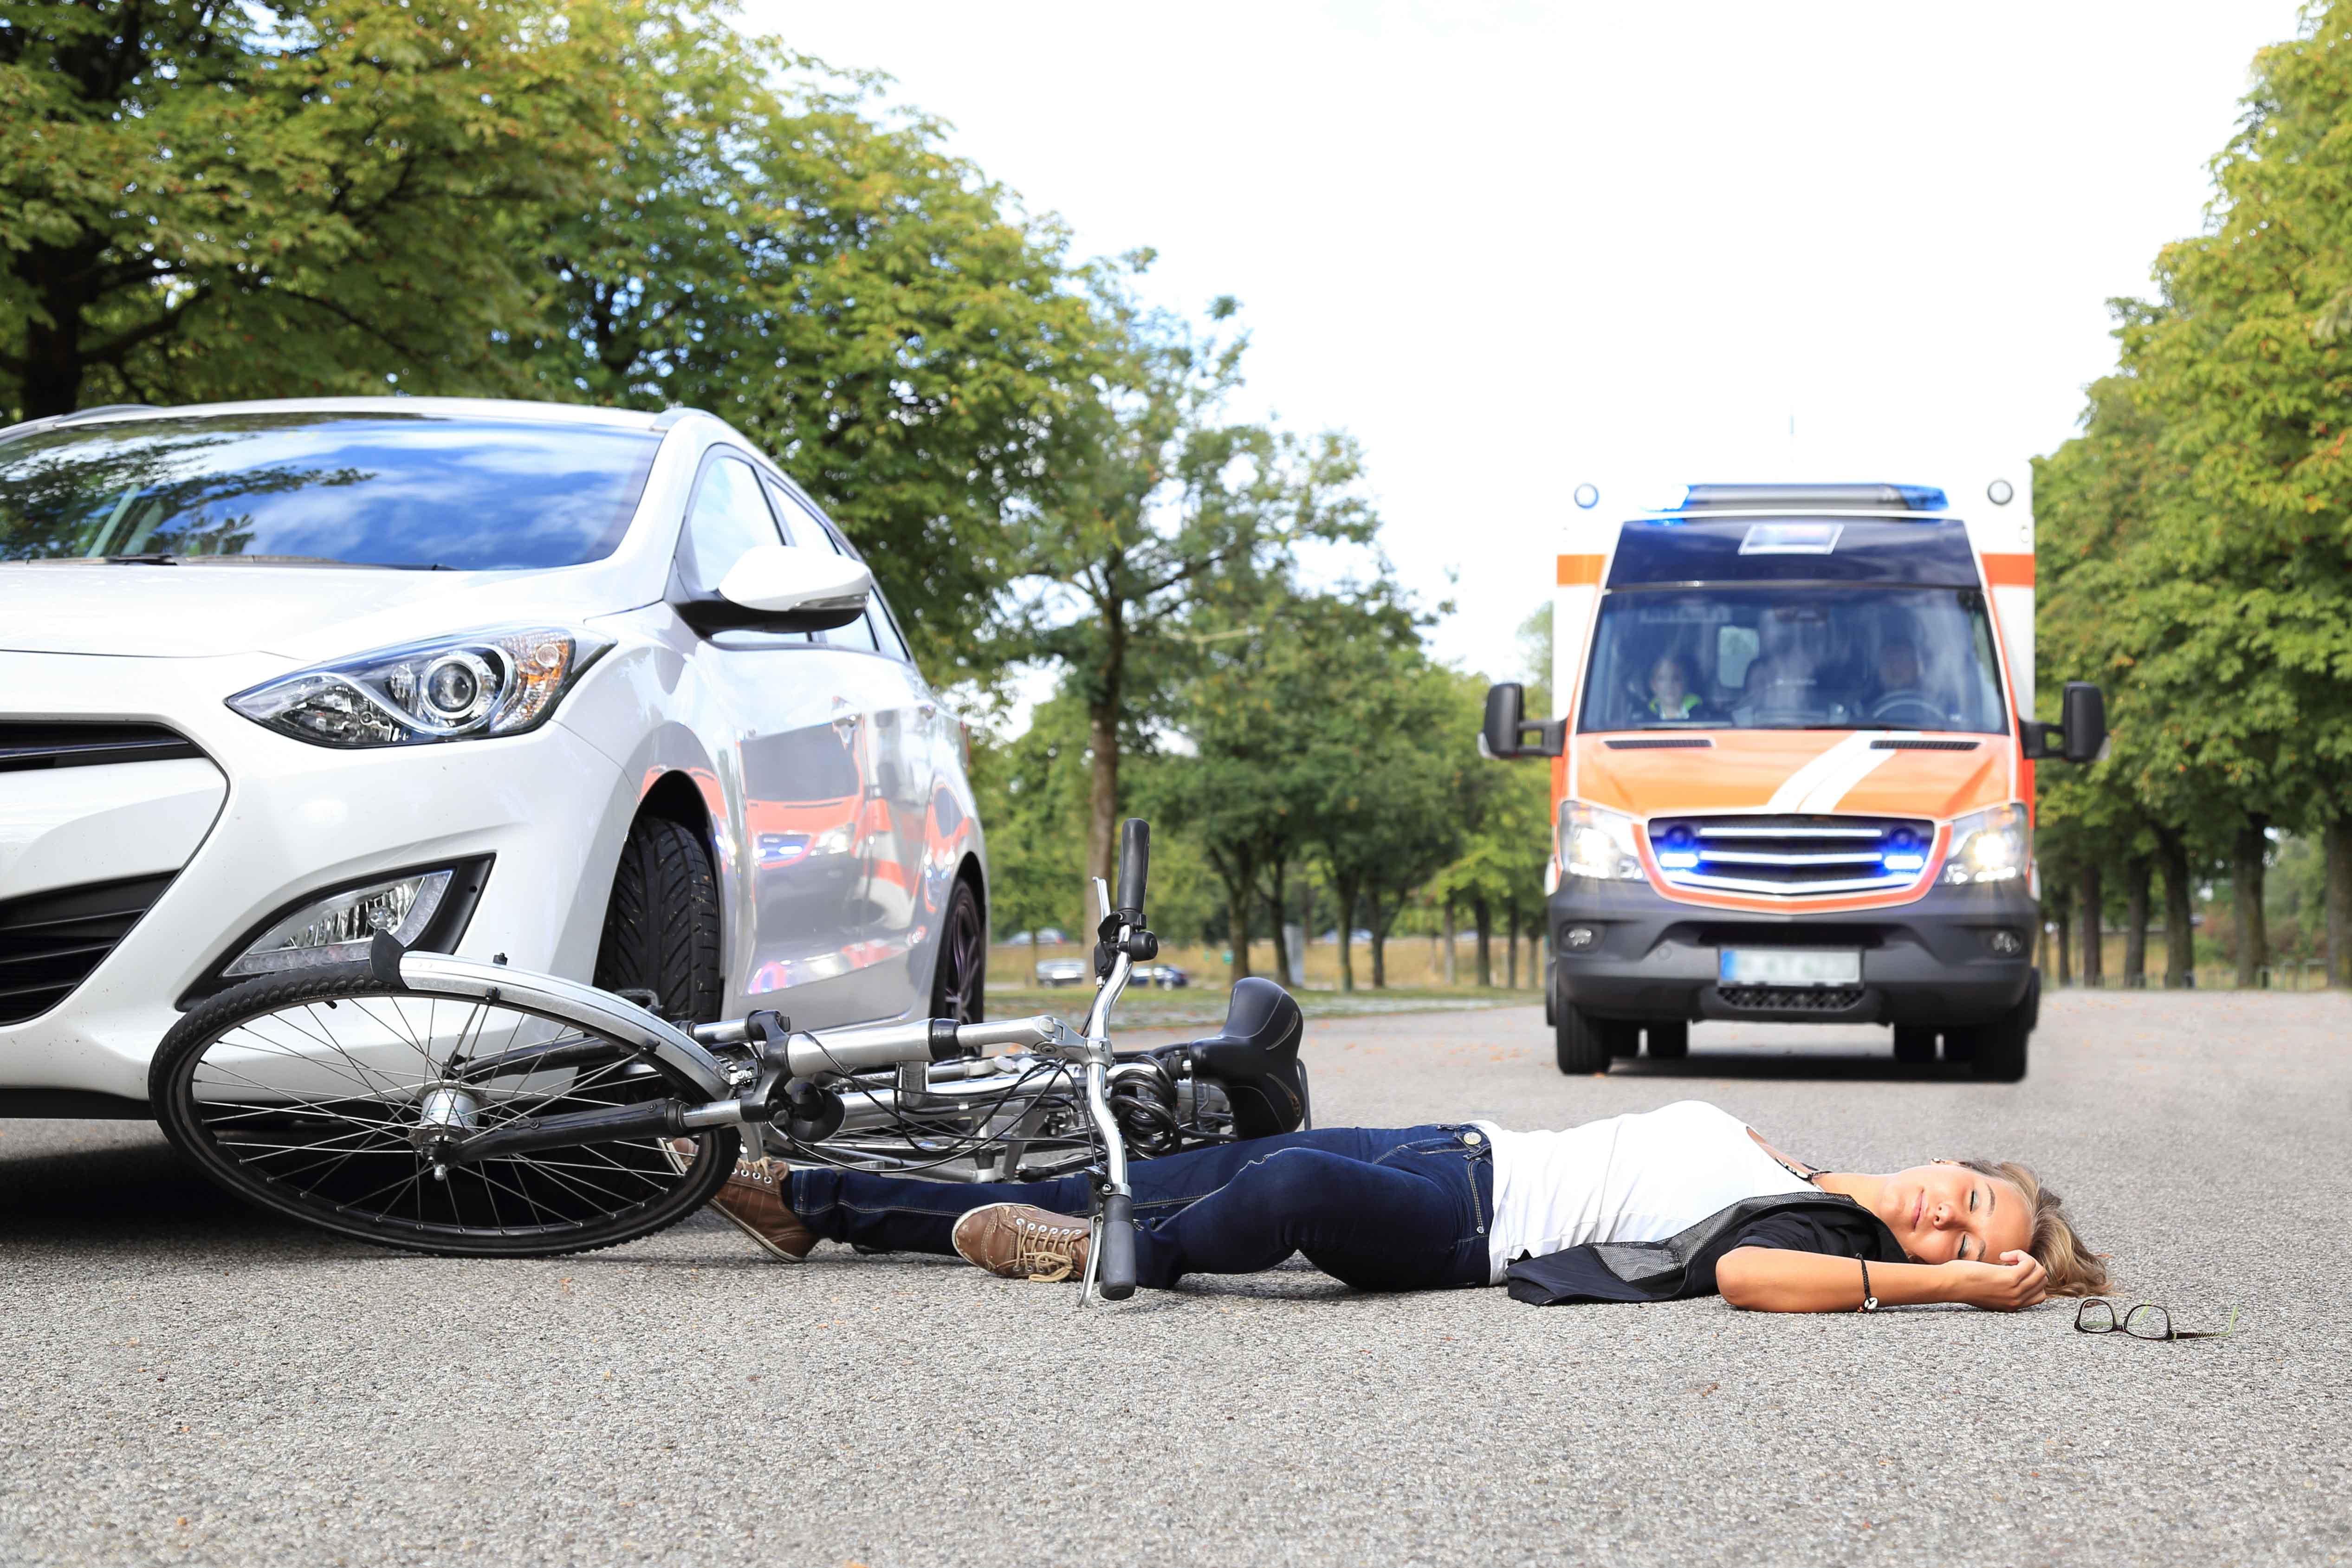 Ambulancia llegando a lugar de accidente con mujertendida en el suelo